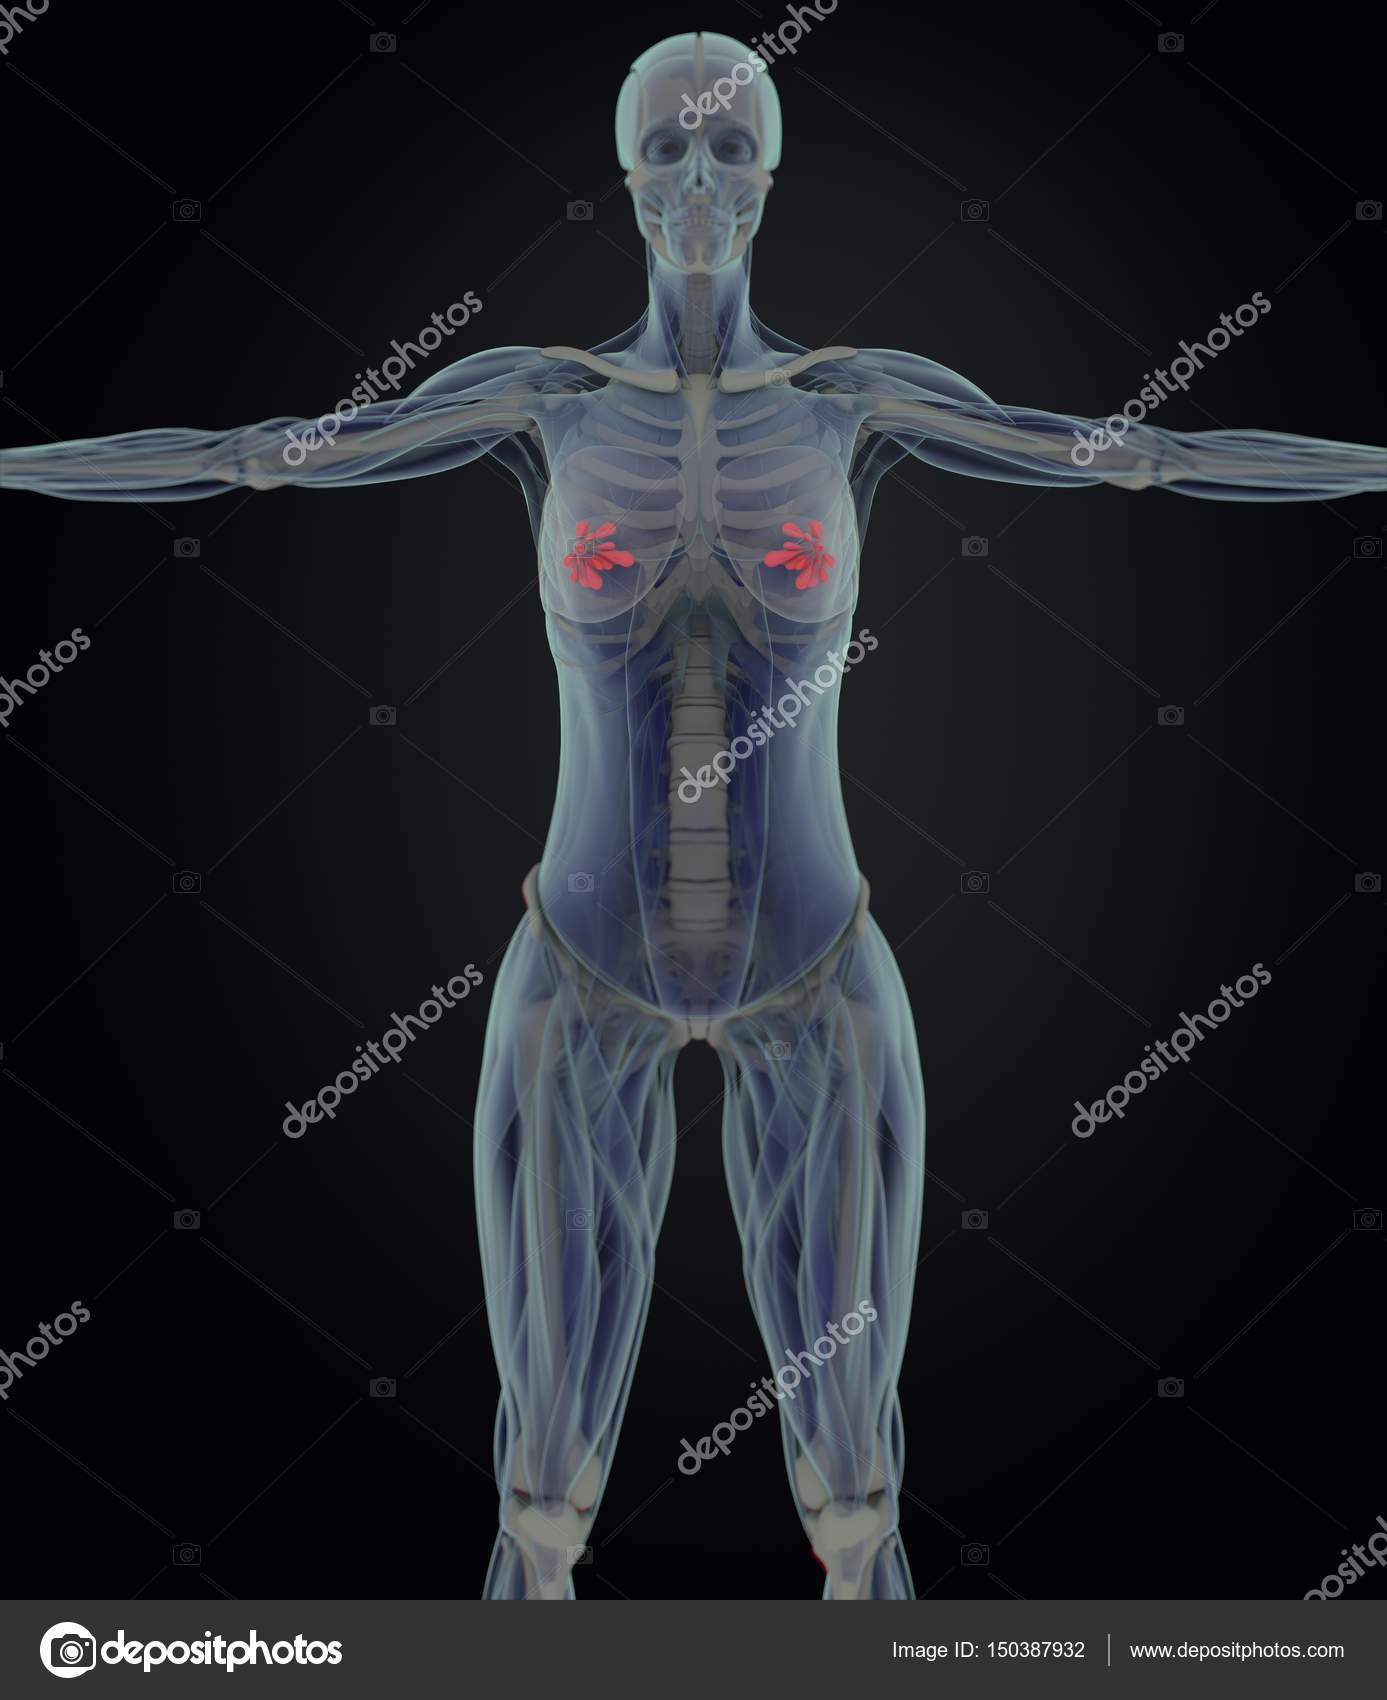 Weibliche Brust-Anatomie-Modell — Stockfoto © AnatomyInsider #150387932